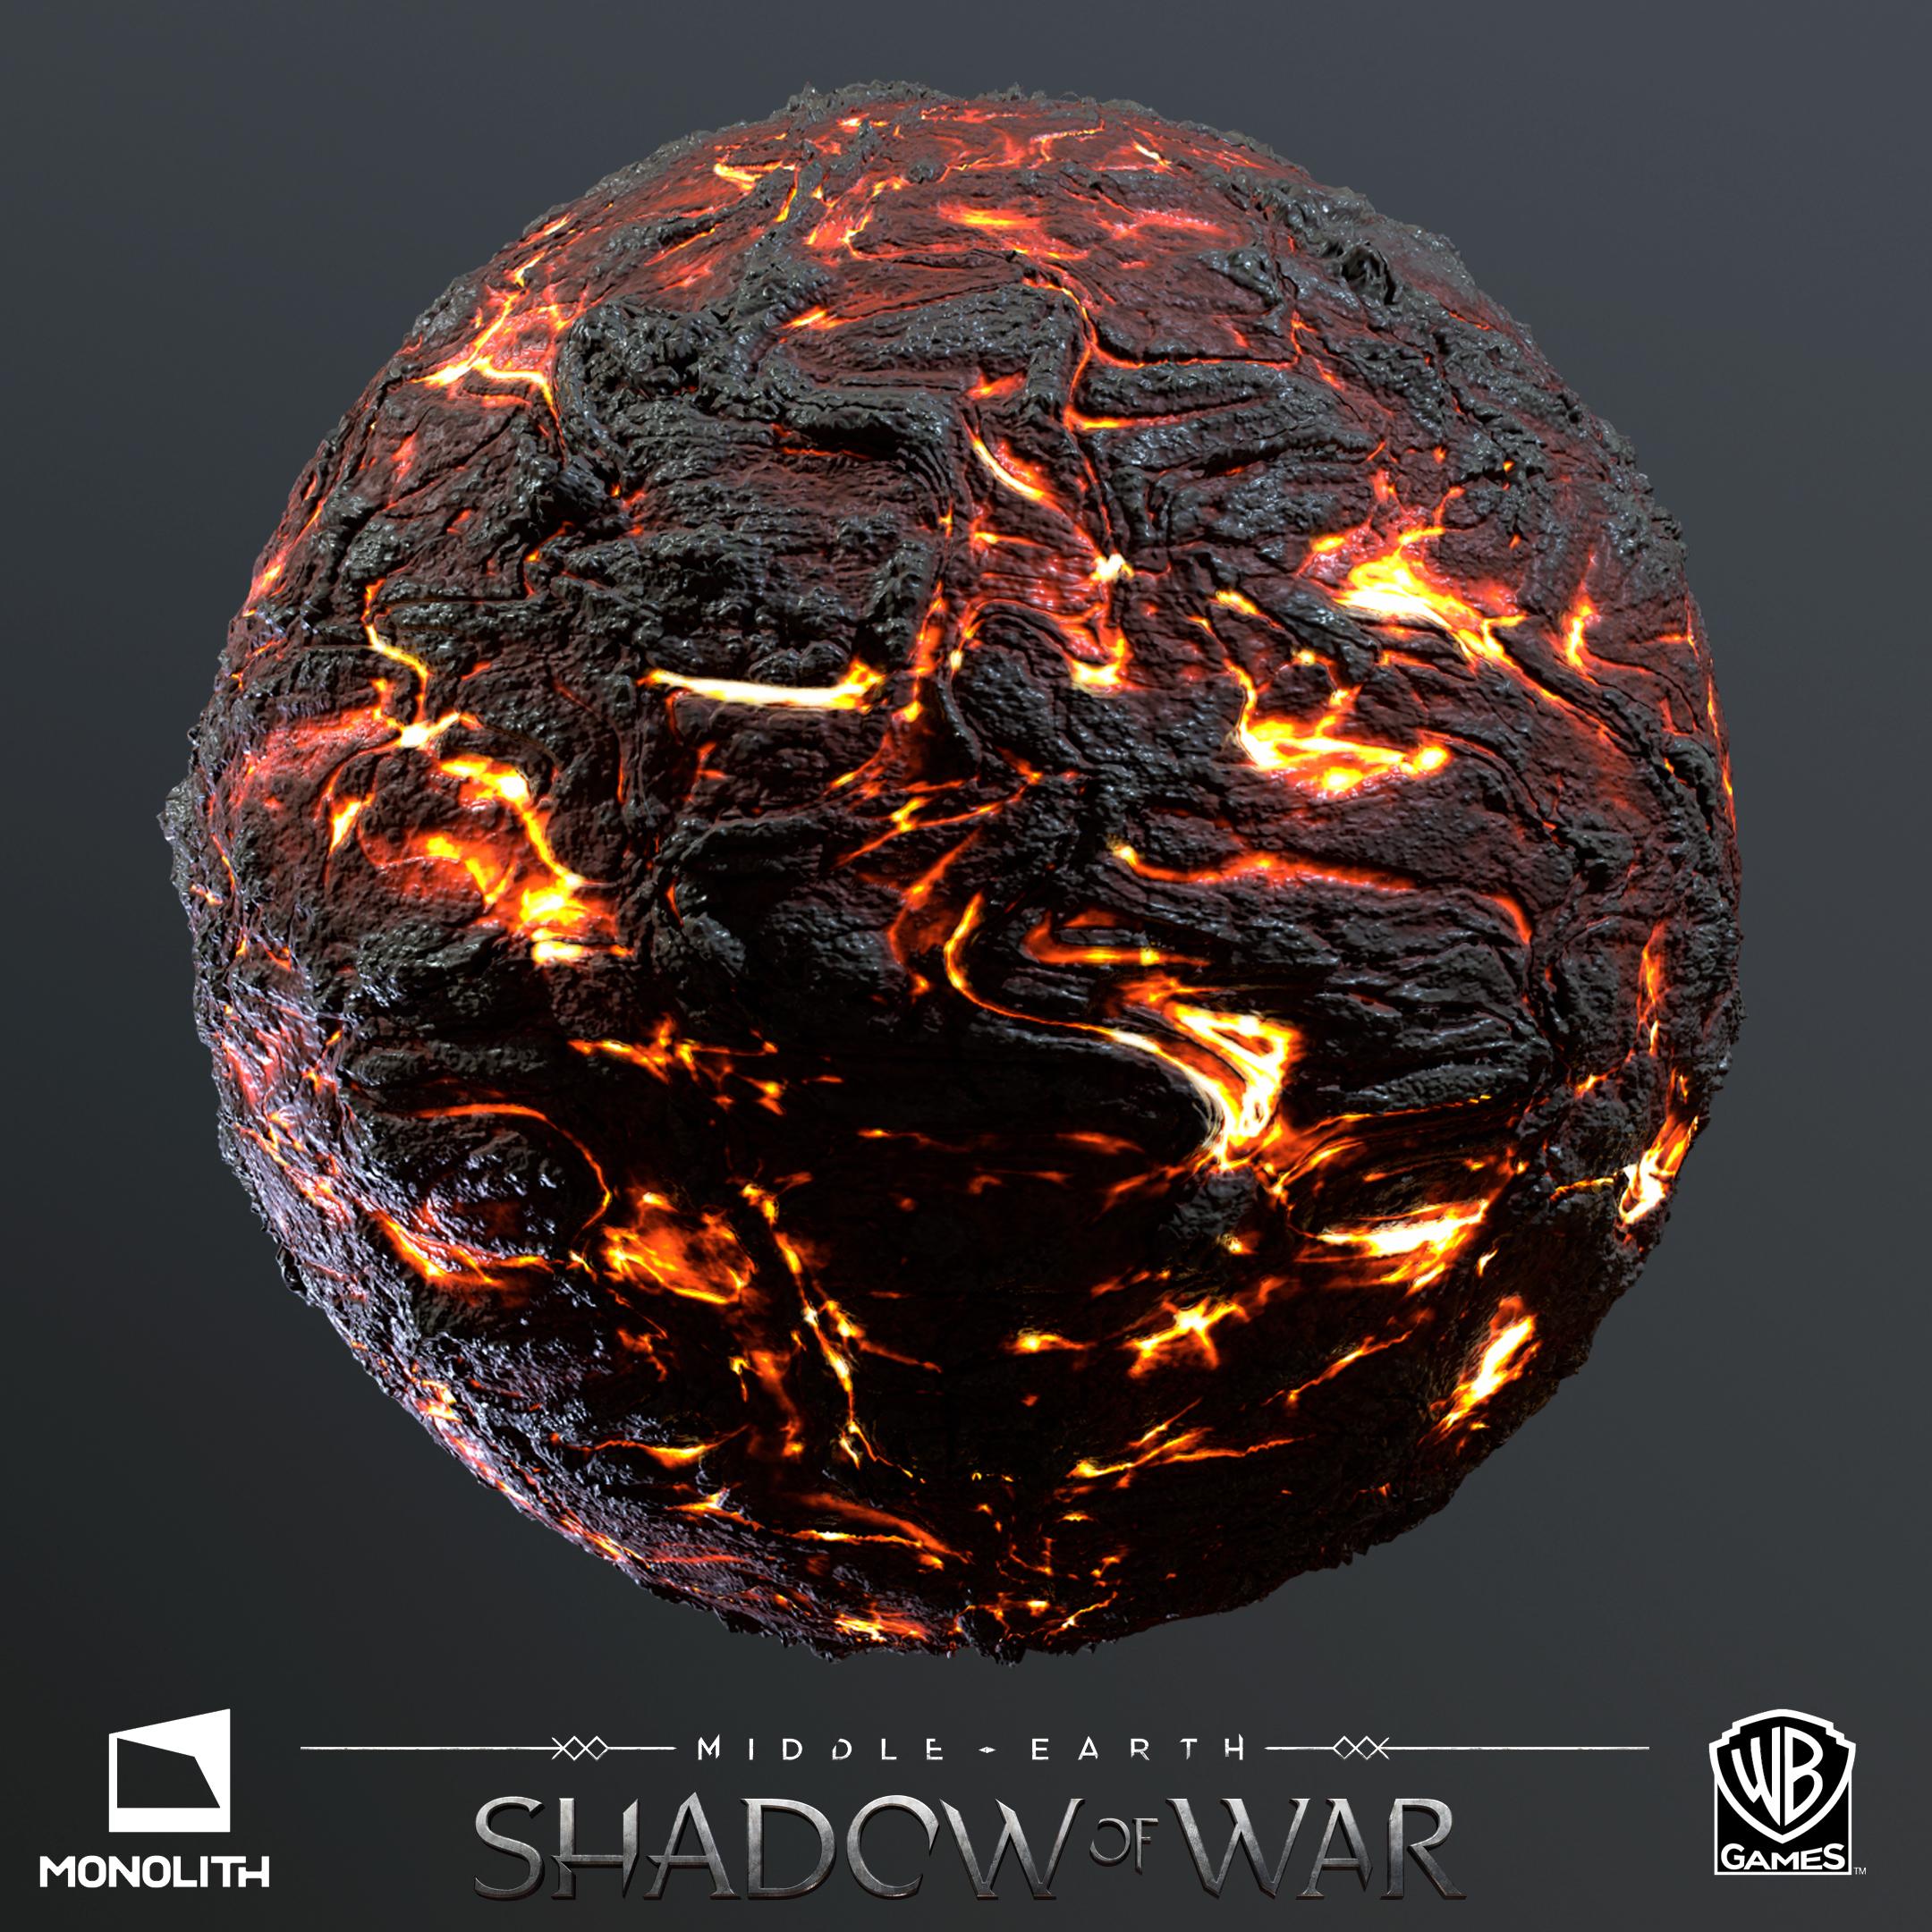 Lava_Sphere